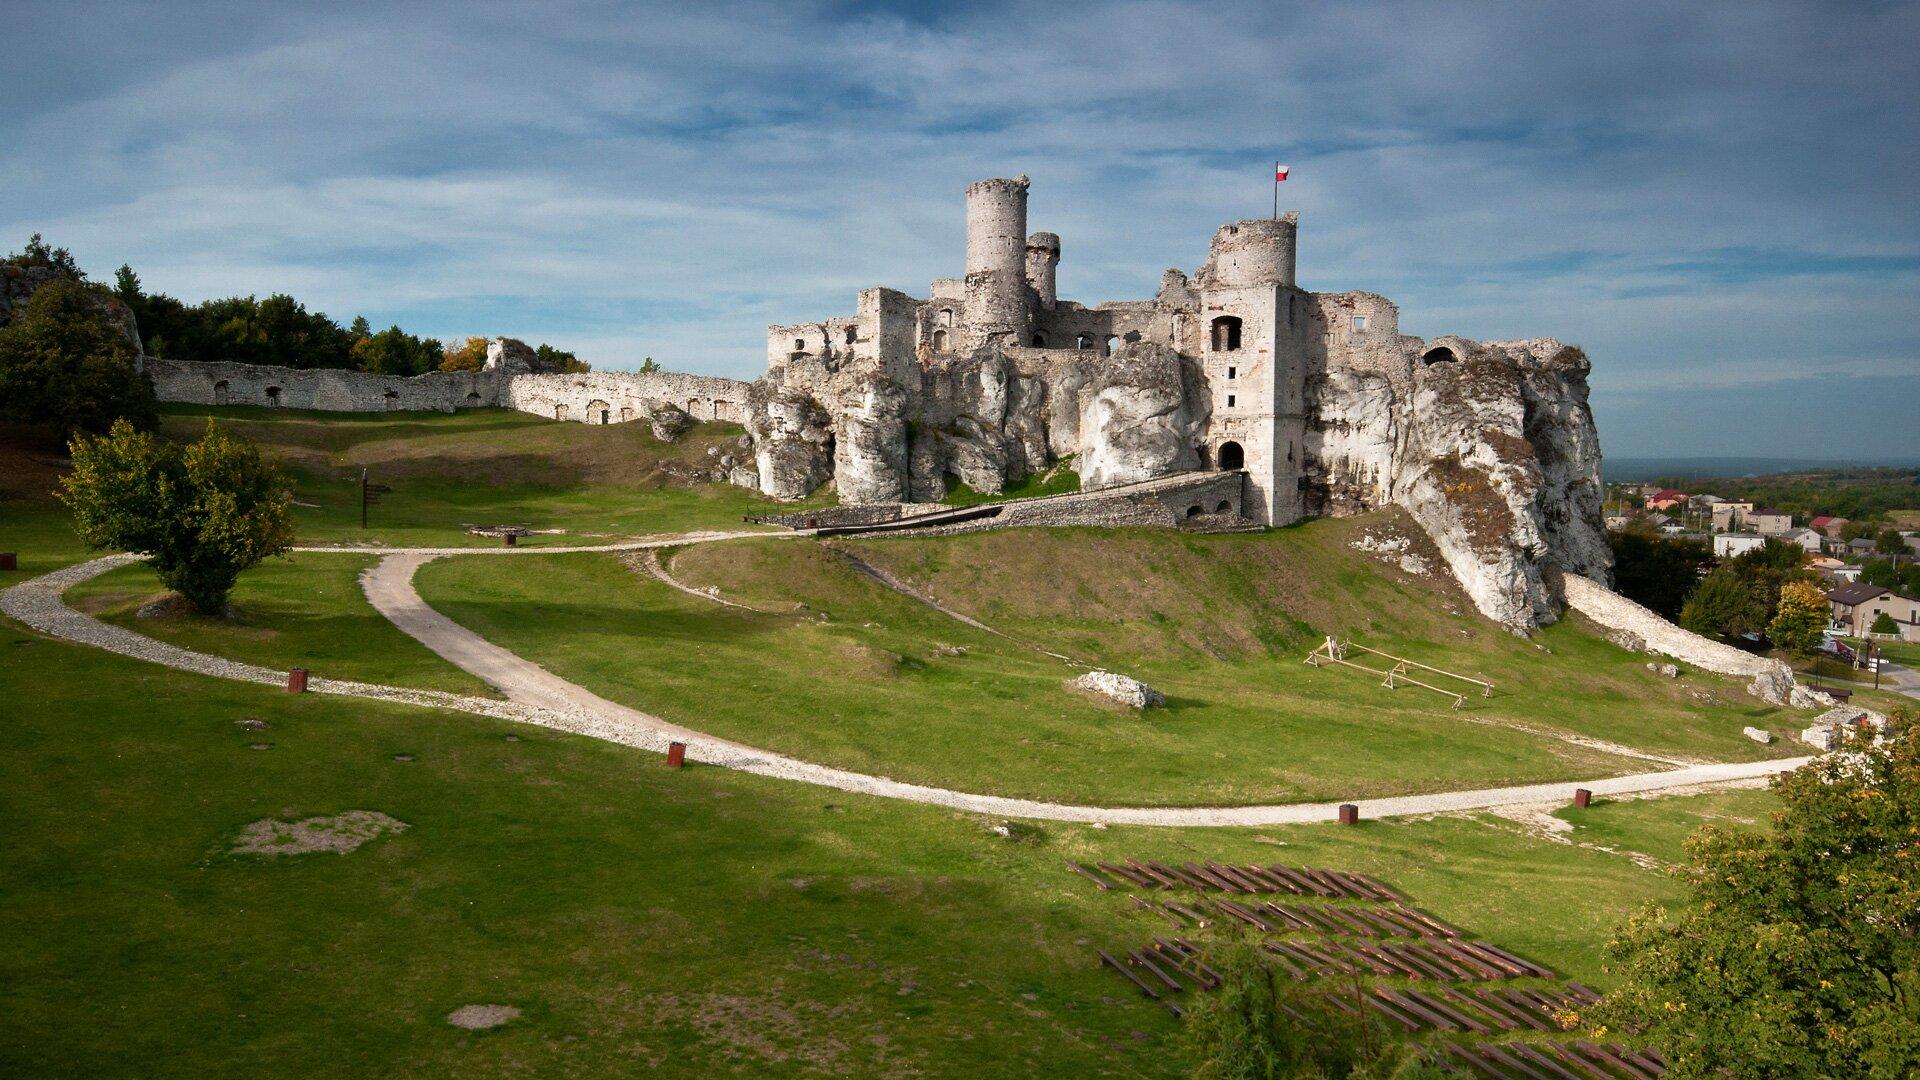 Zamek wOgrodzieńcu Zamek wOgrodzieńcu Źródło: Łukasz Śmigasiewicz, licencja: CC BY-SA 3.0.